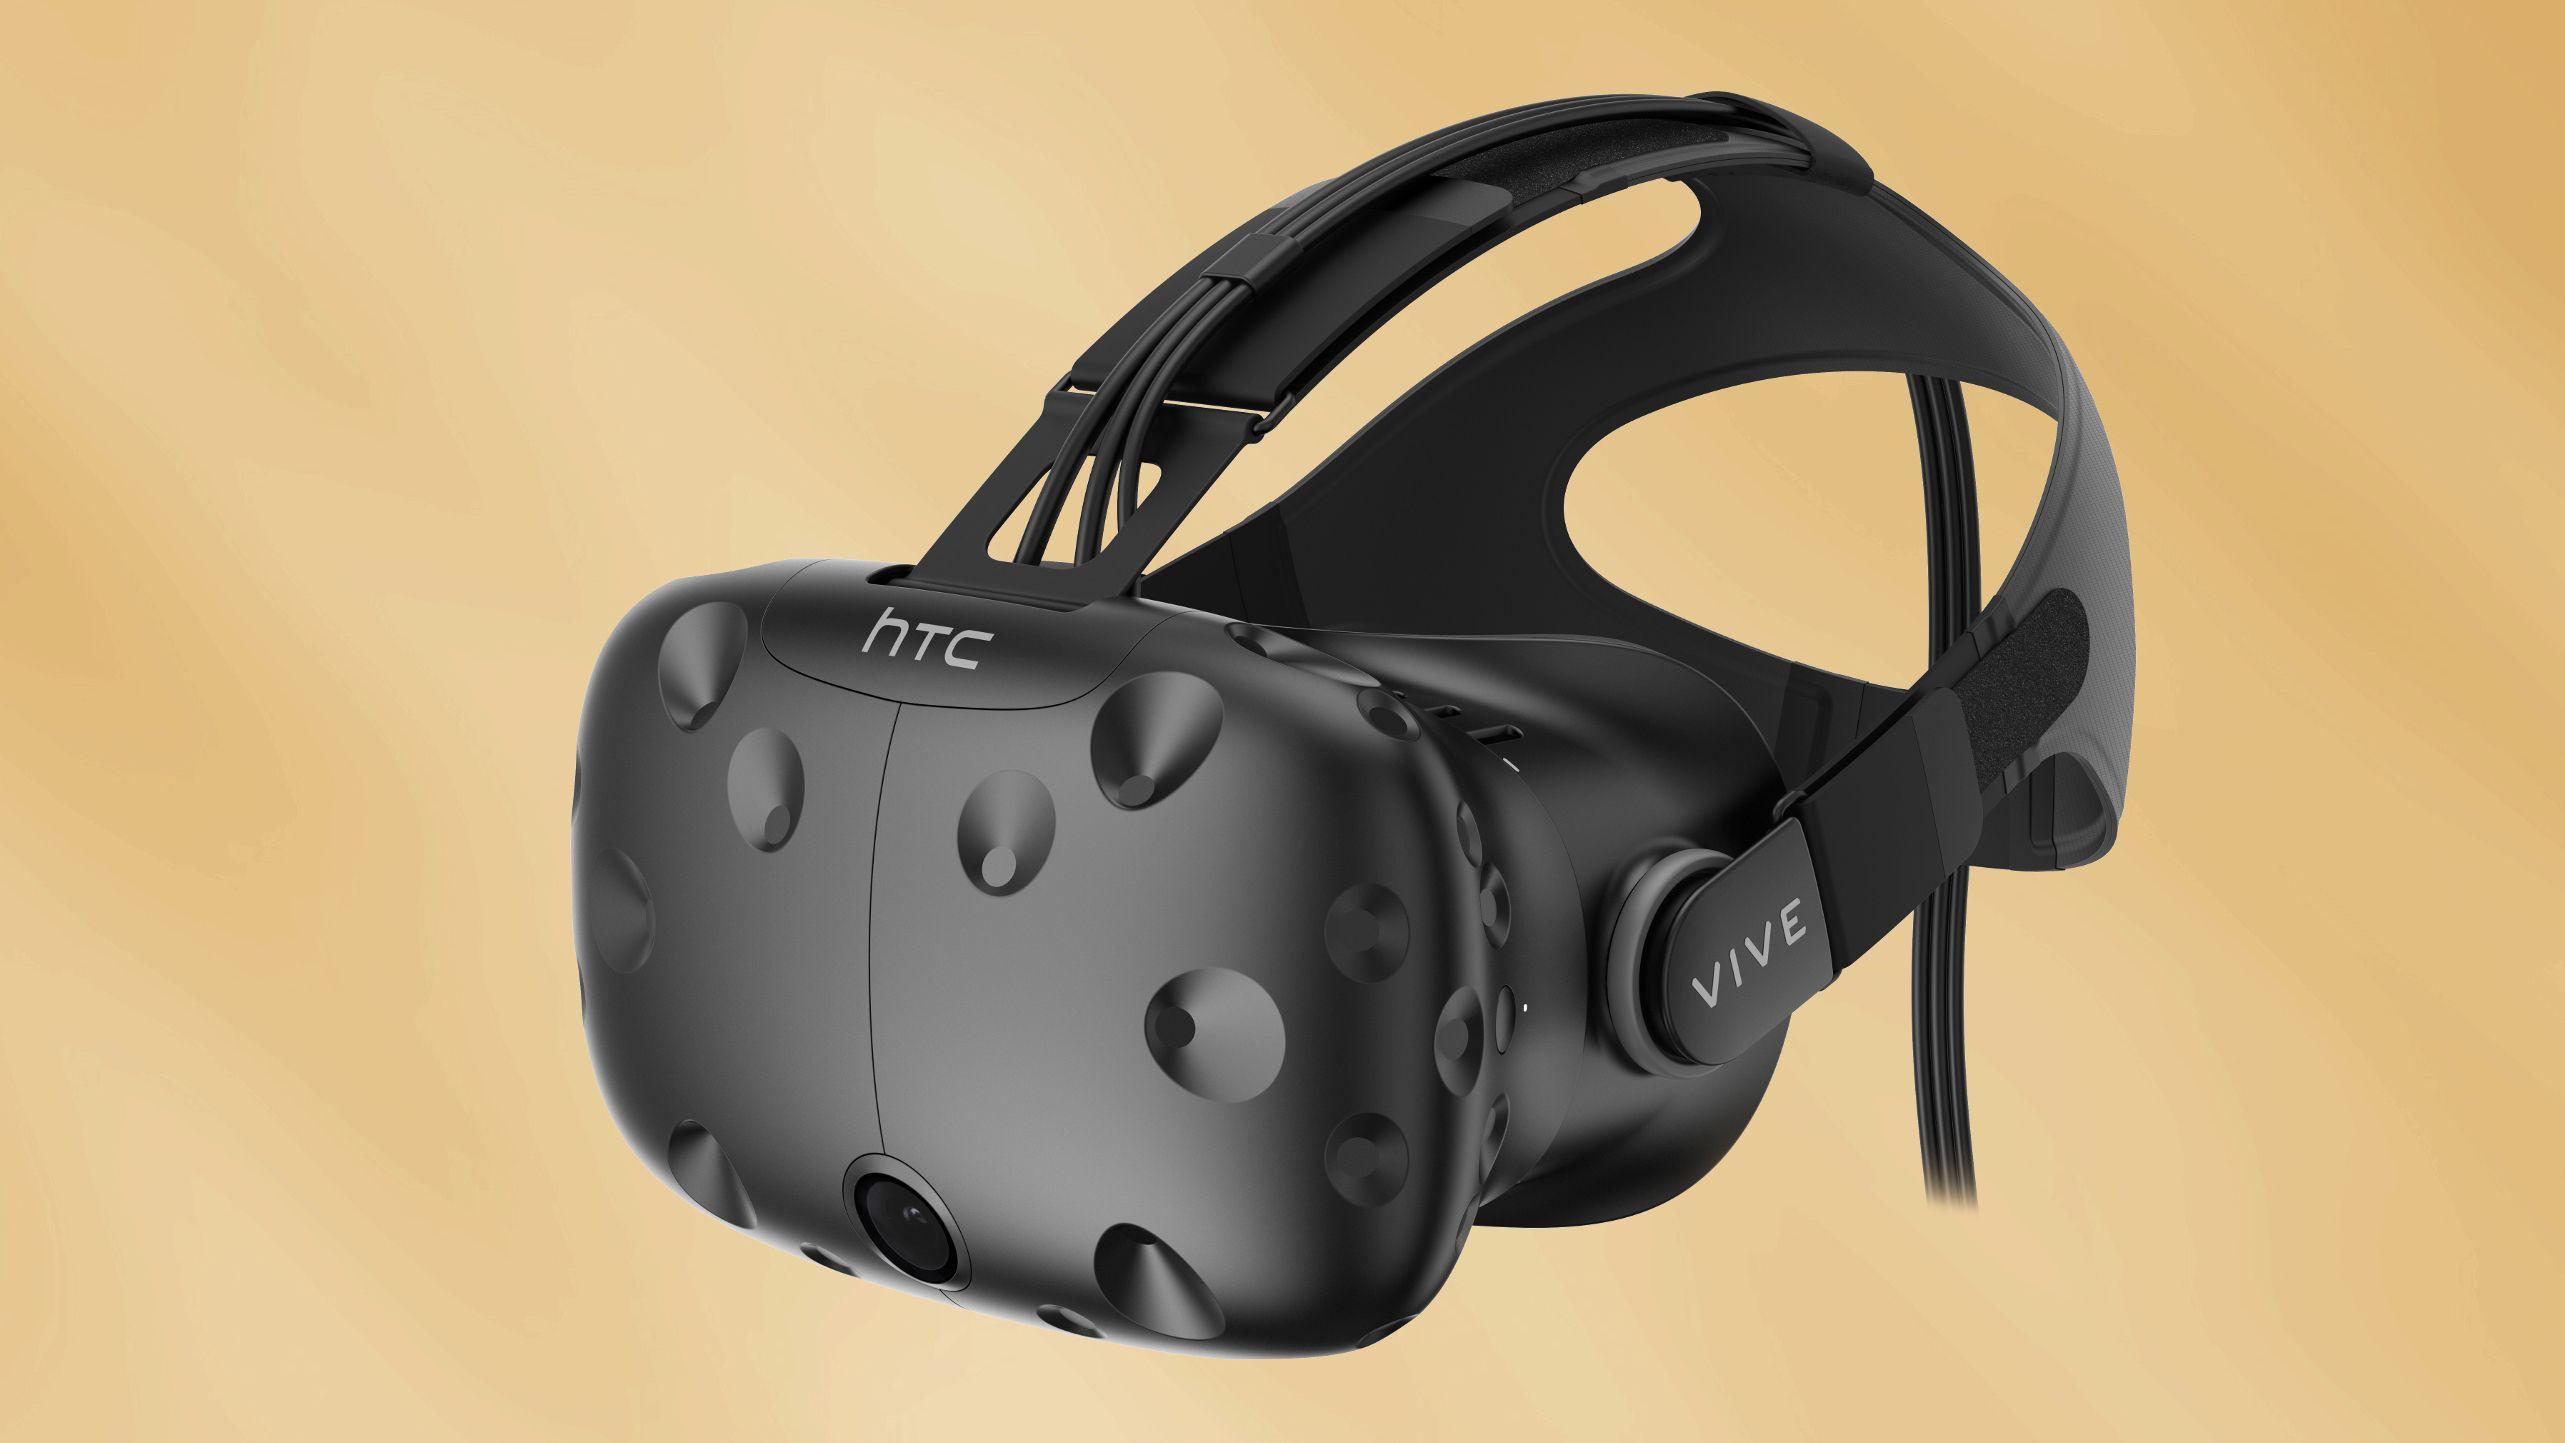 HTCs VR-briller blir enda dyrere enn Oculus Rift